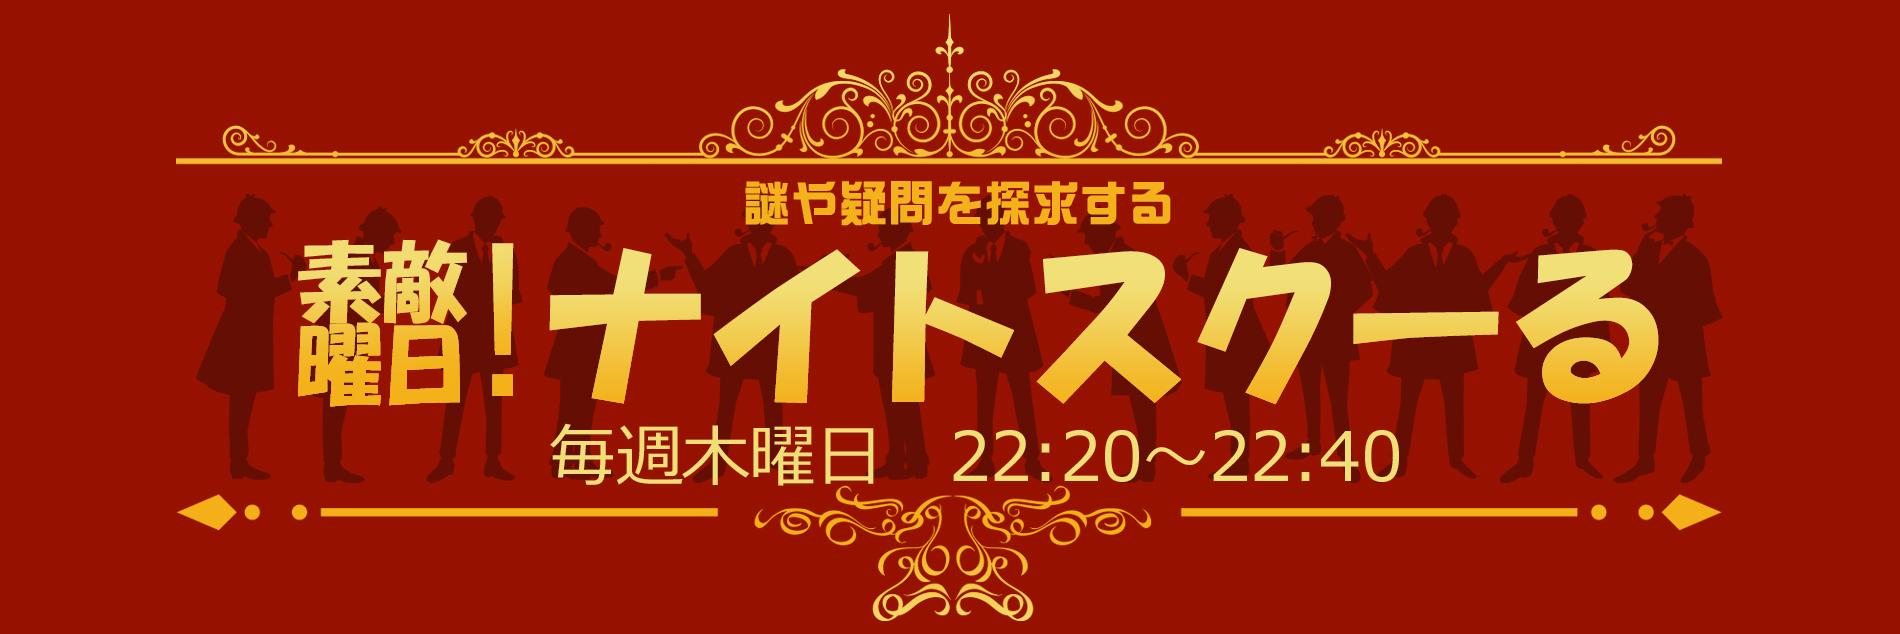 下北FM「素敵曜日!ナイトスクーる」(2)